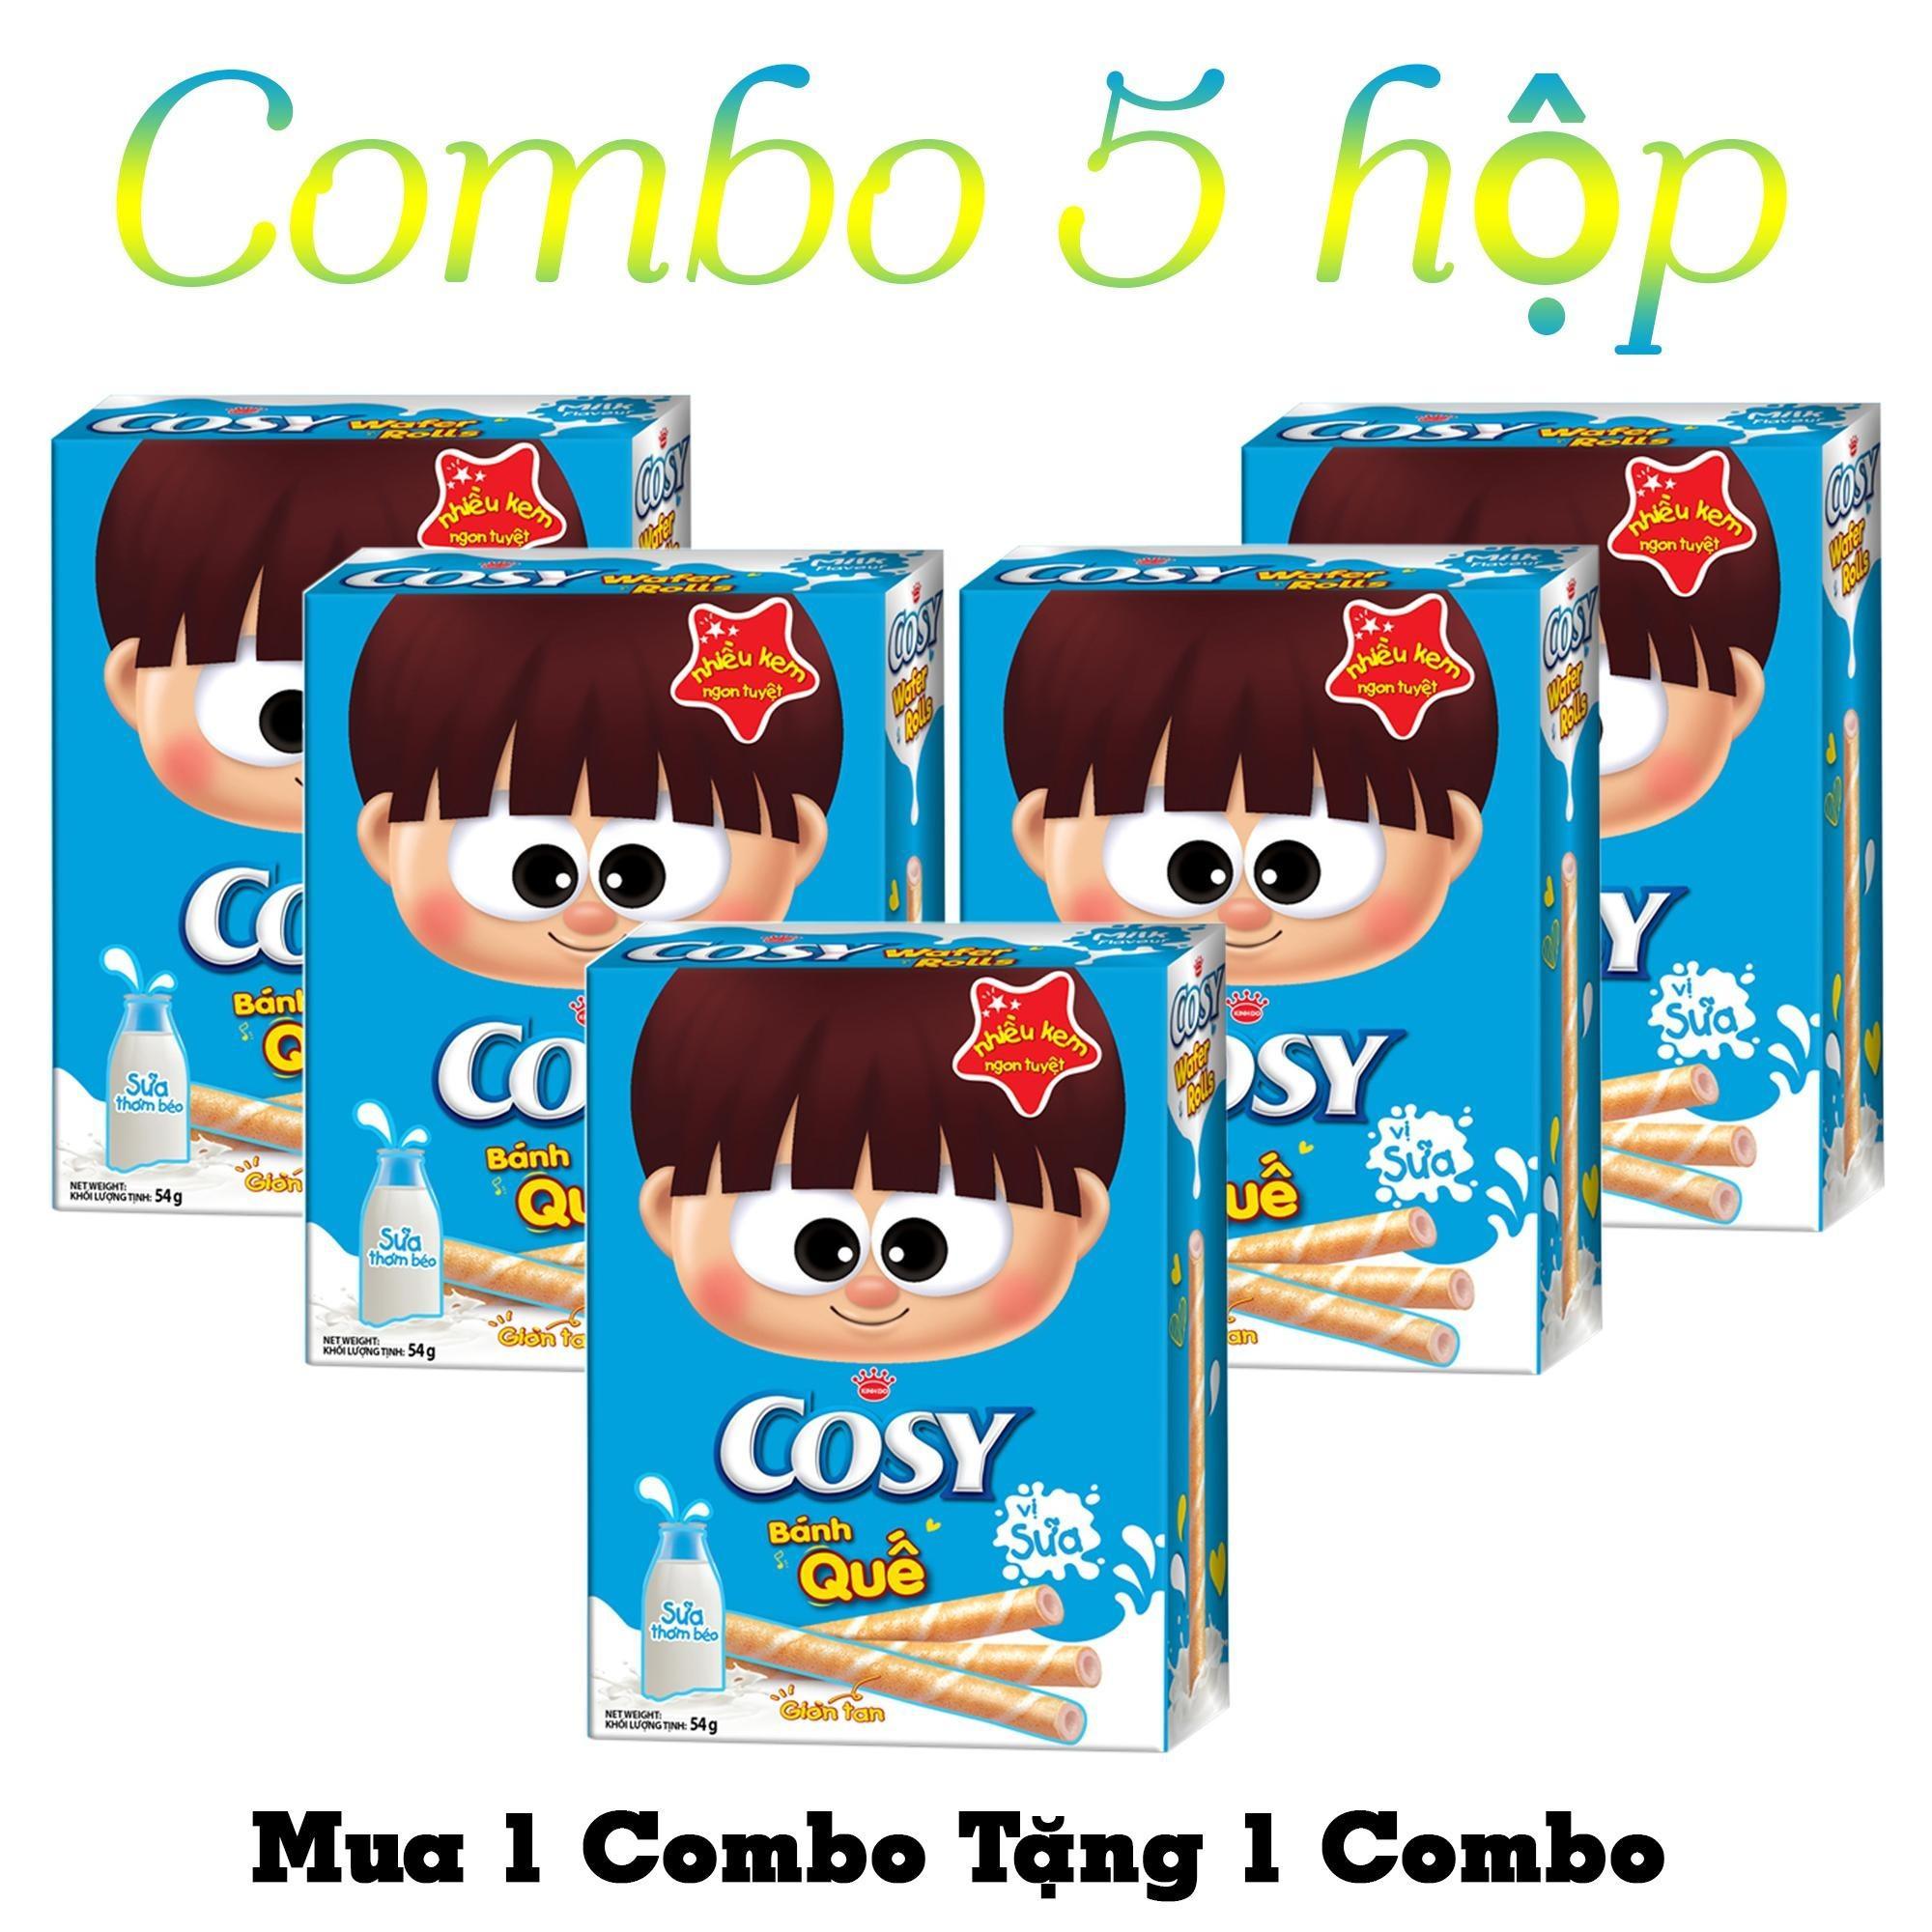 Giá bán Combo 5 Hộp Bánh Quế Cosy Kinh Đô Vị Sữa (54g)